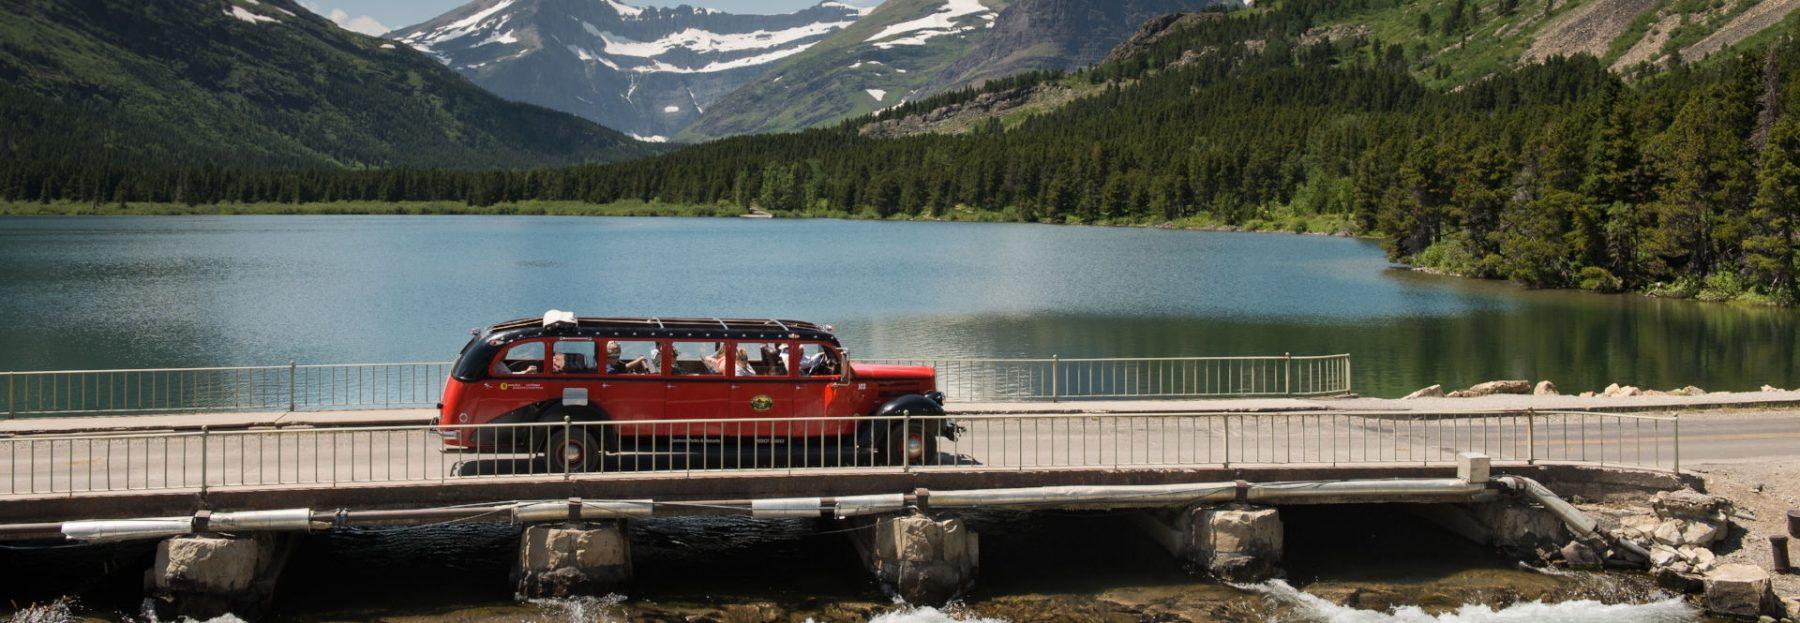 Viaggio nella Real America Swiftcurrent Lake, Glacier National Park